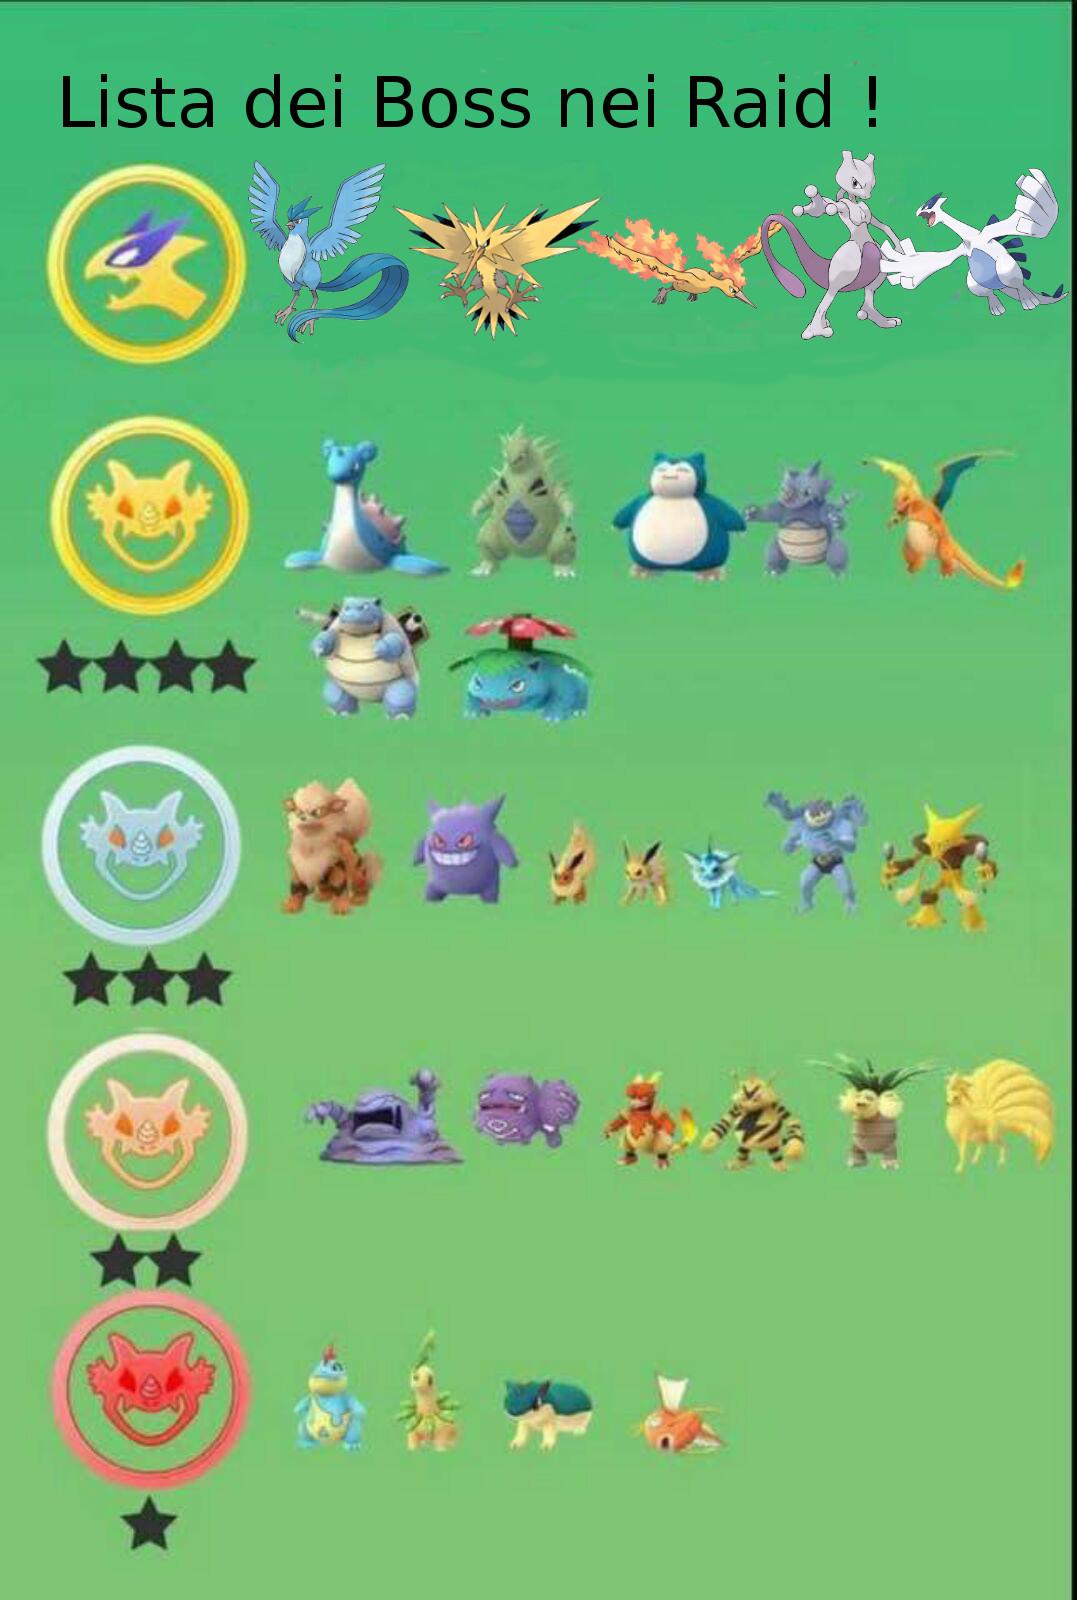 Pagina per Ride contro il Boss per Gioco Pokémon GO